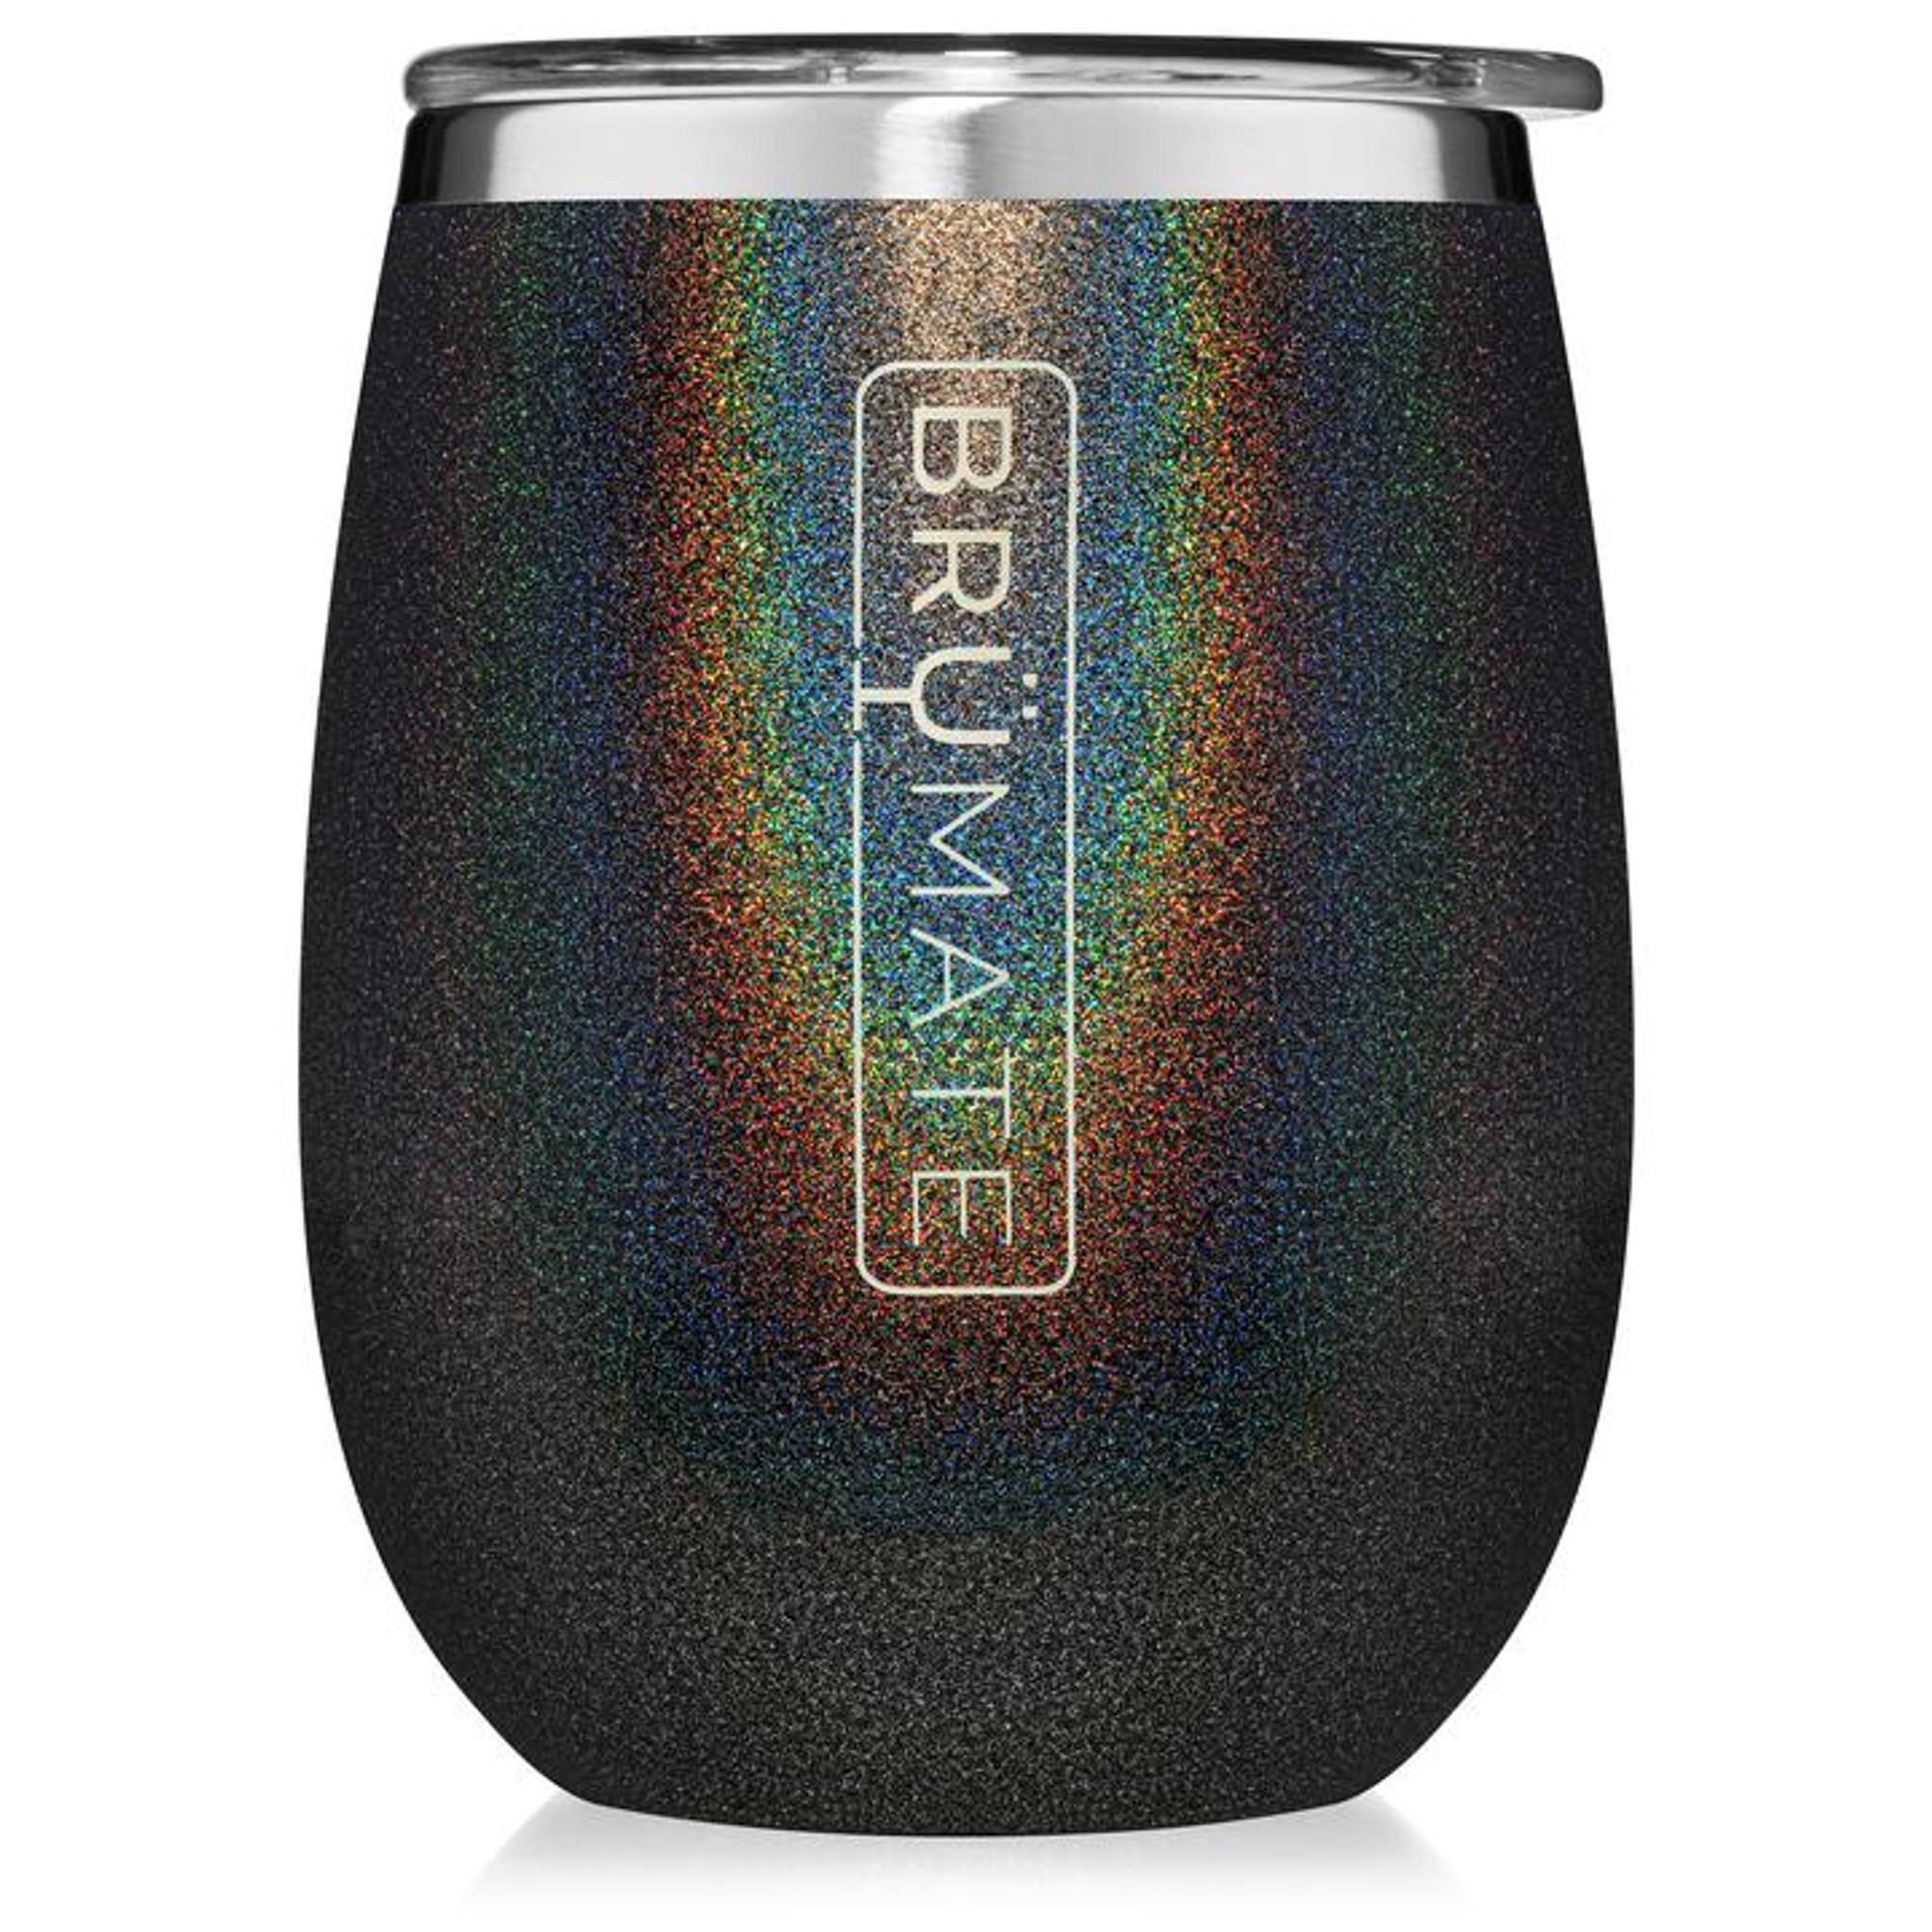 Brumate 14oz Wine Tumbler - Glitter Charcoal